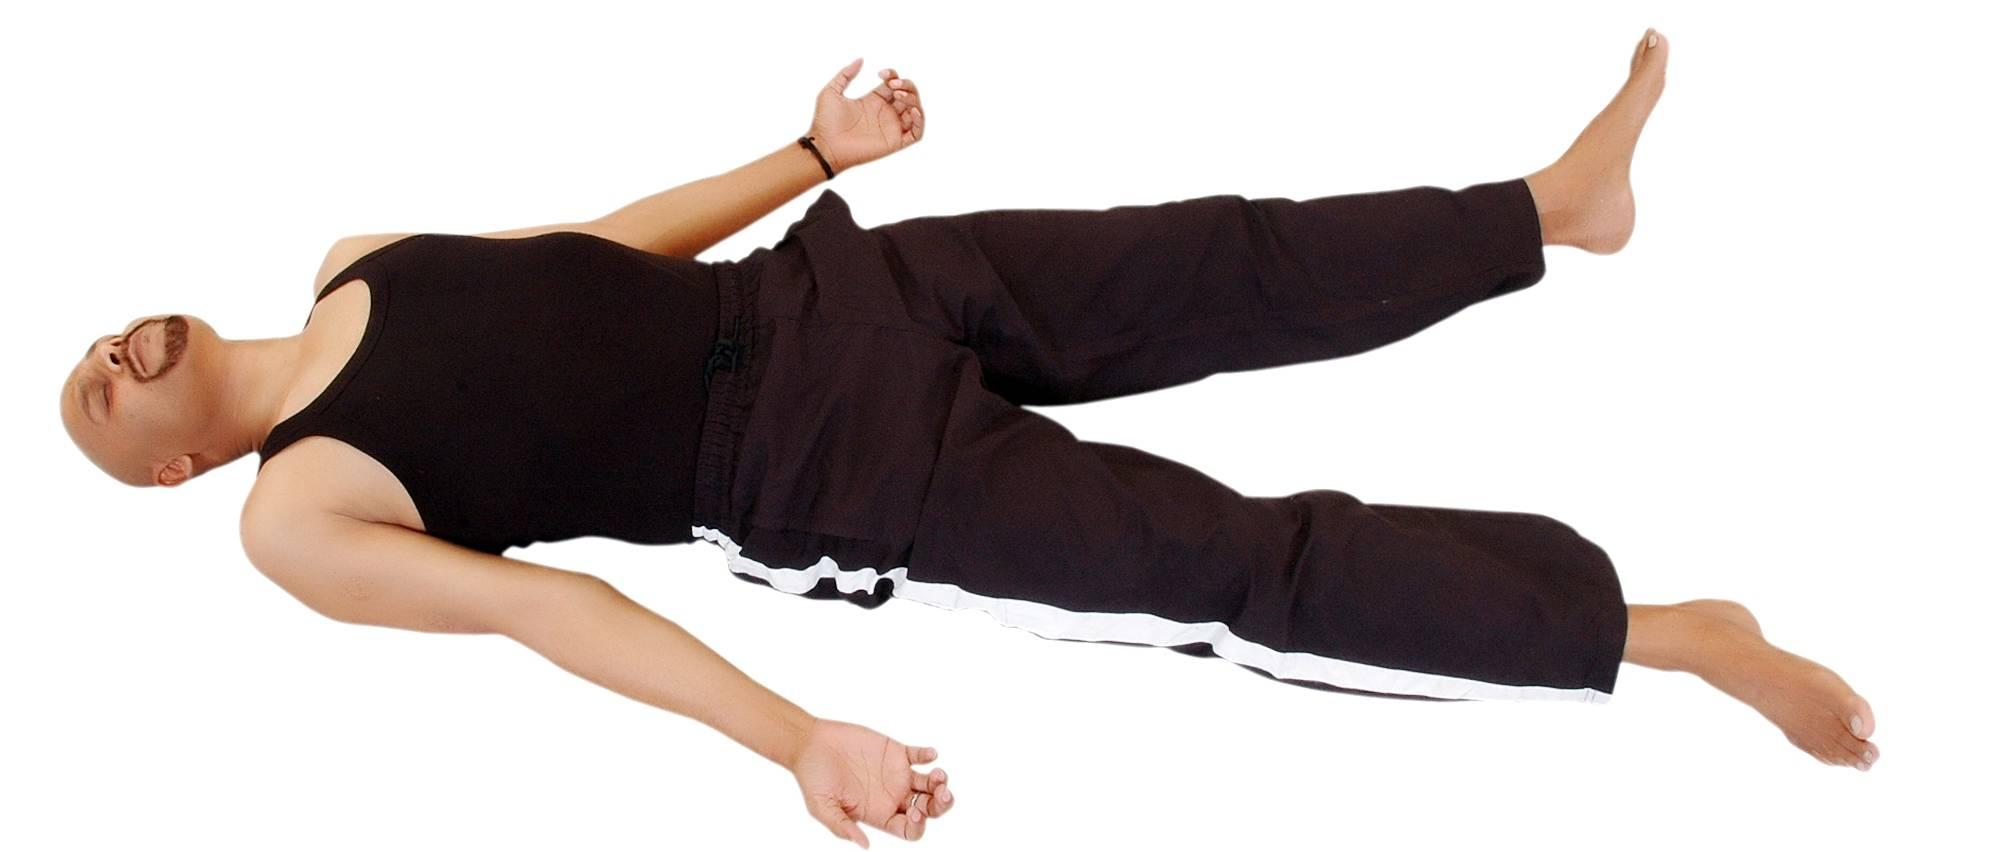 Комплекс упражнений на расслабление: медитация, дыхание, релаксация